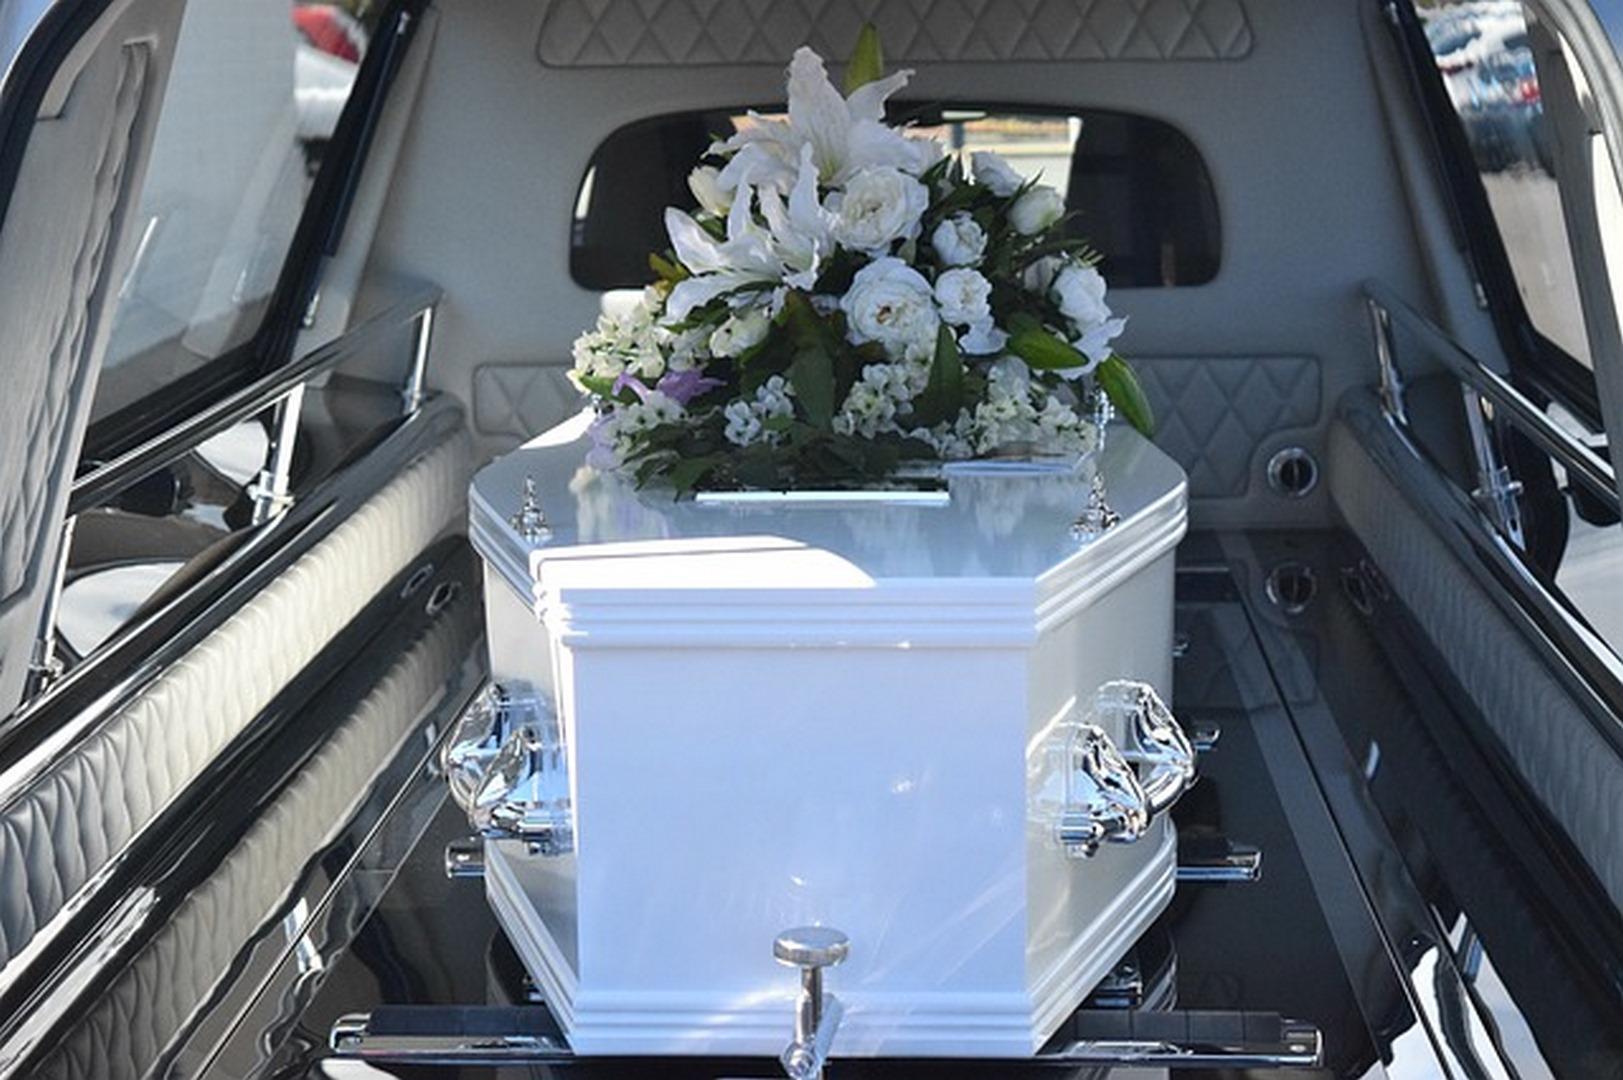 Jak wygląda transport zmarłych z zagranicy?